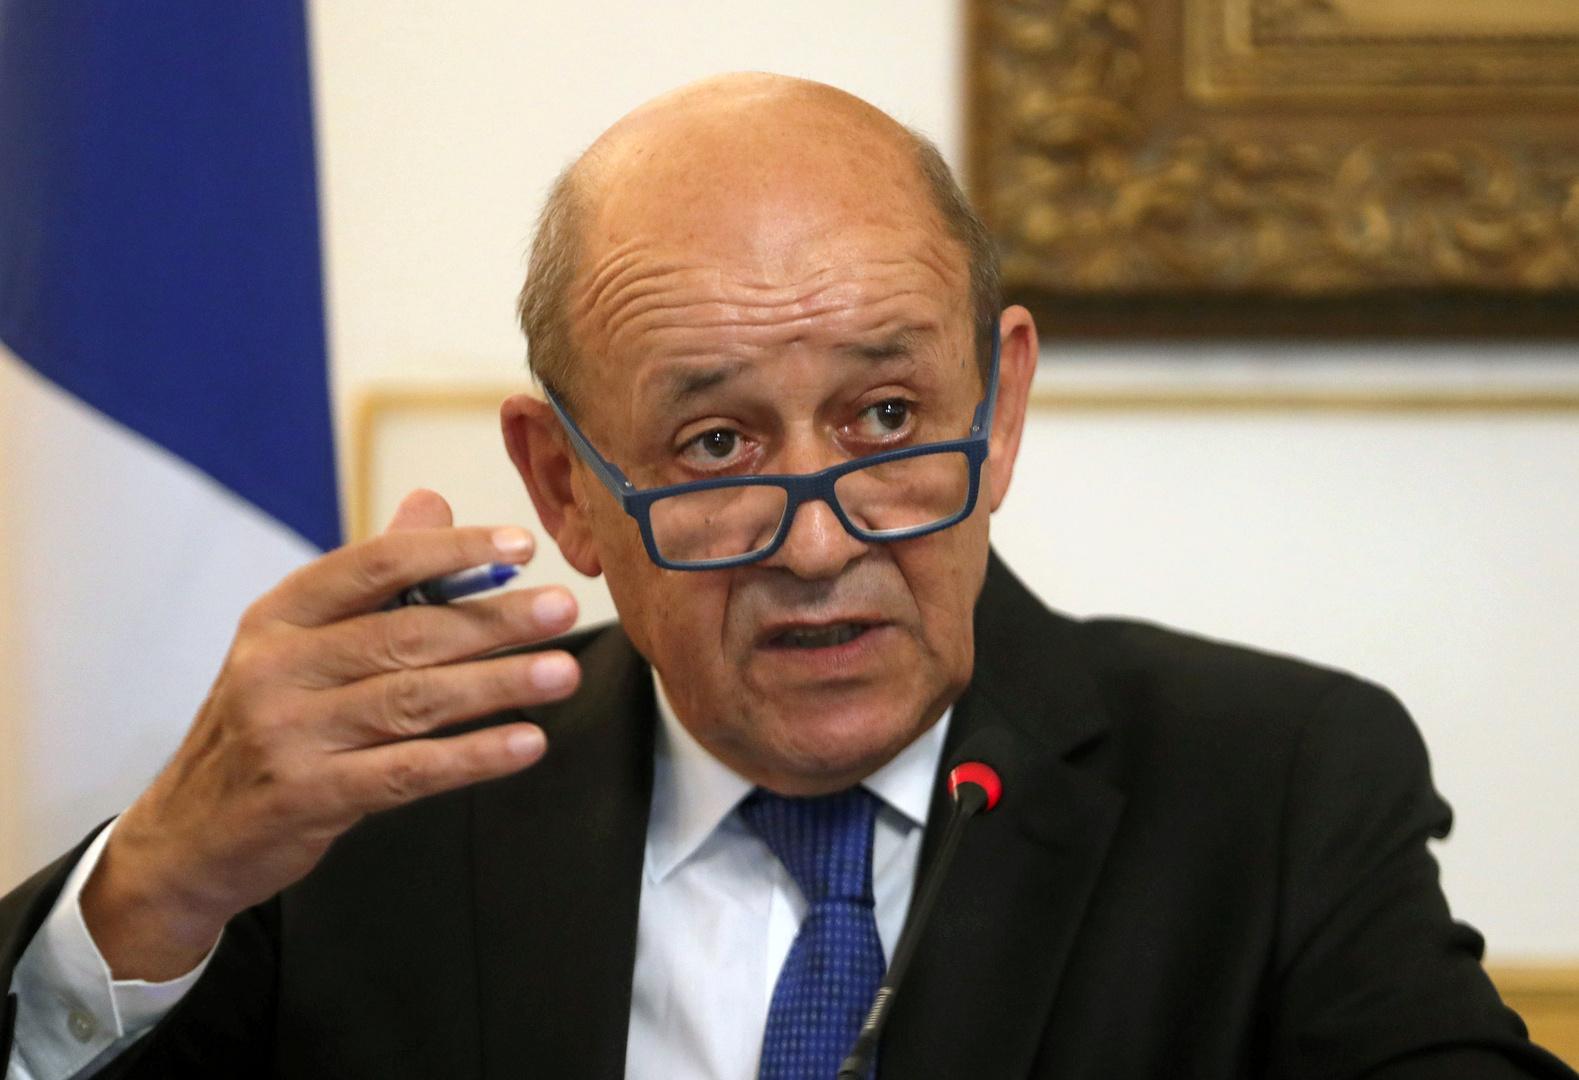 فرنسا: على سلطات لبنان التحرك لإنهاء الأزمة والبلد في وضع حرج